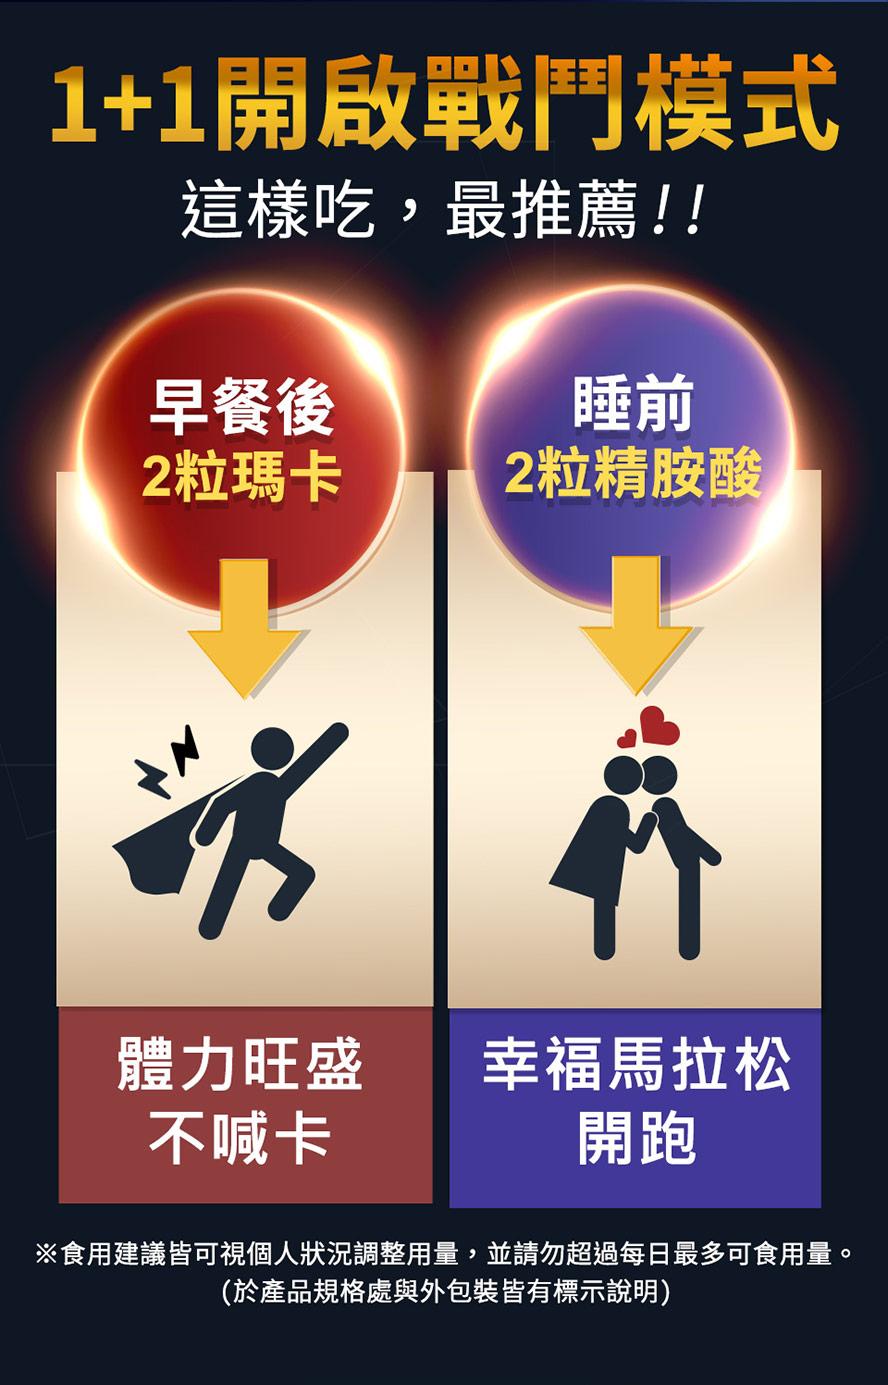 男性補充瑪卡與精胺酸增進家庭幸福,自信心增加